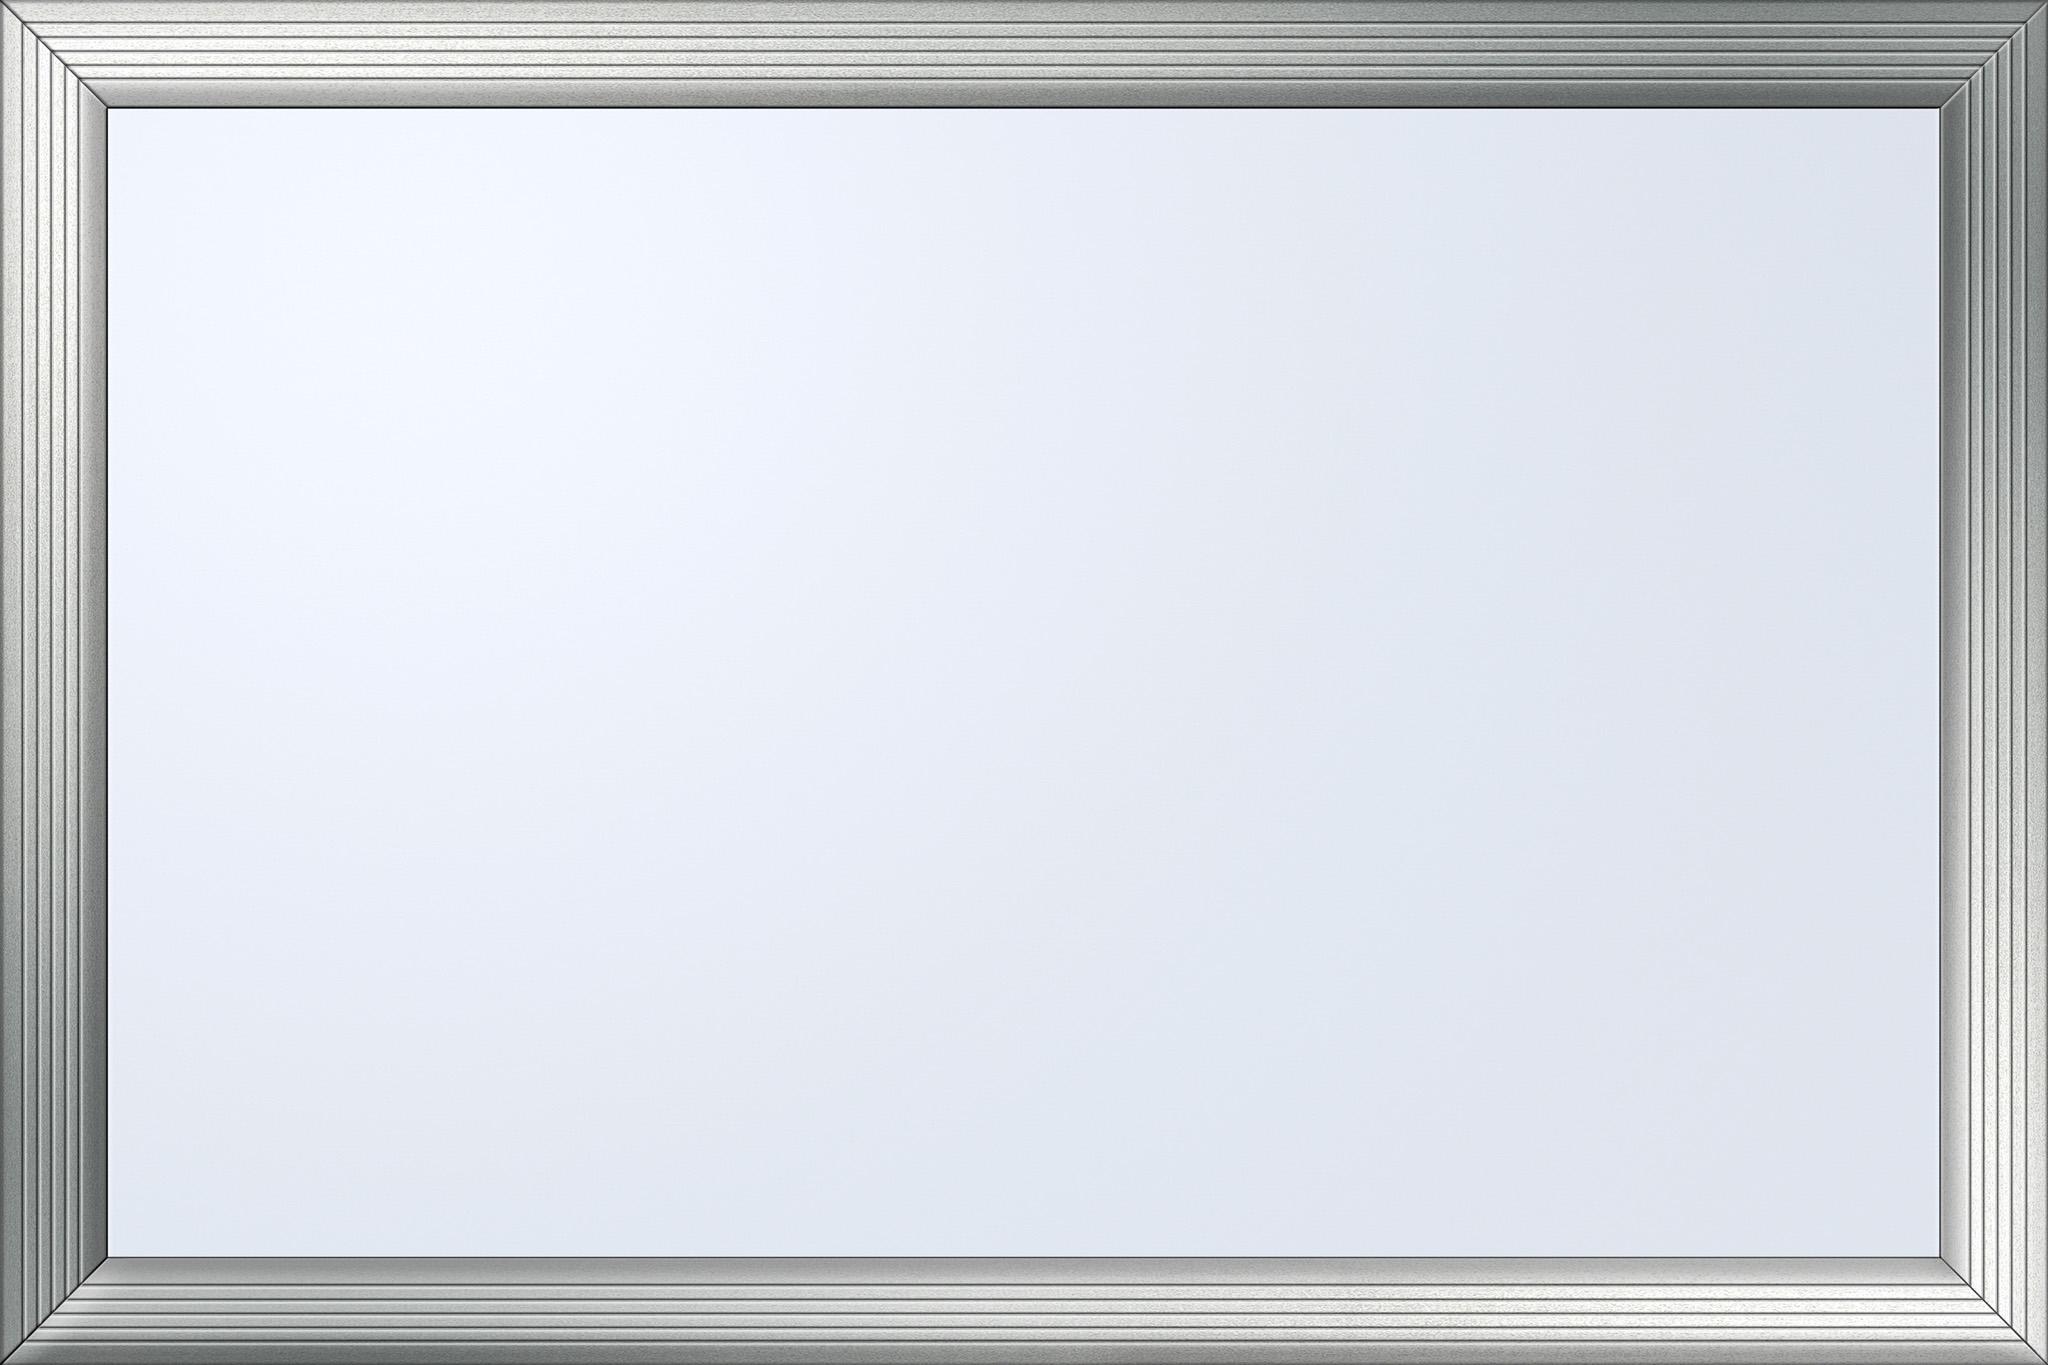 「シルバー枠のホワイトボード」